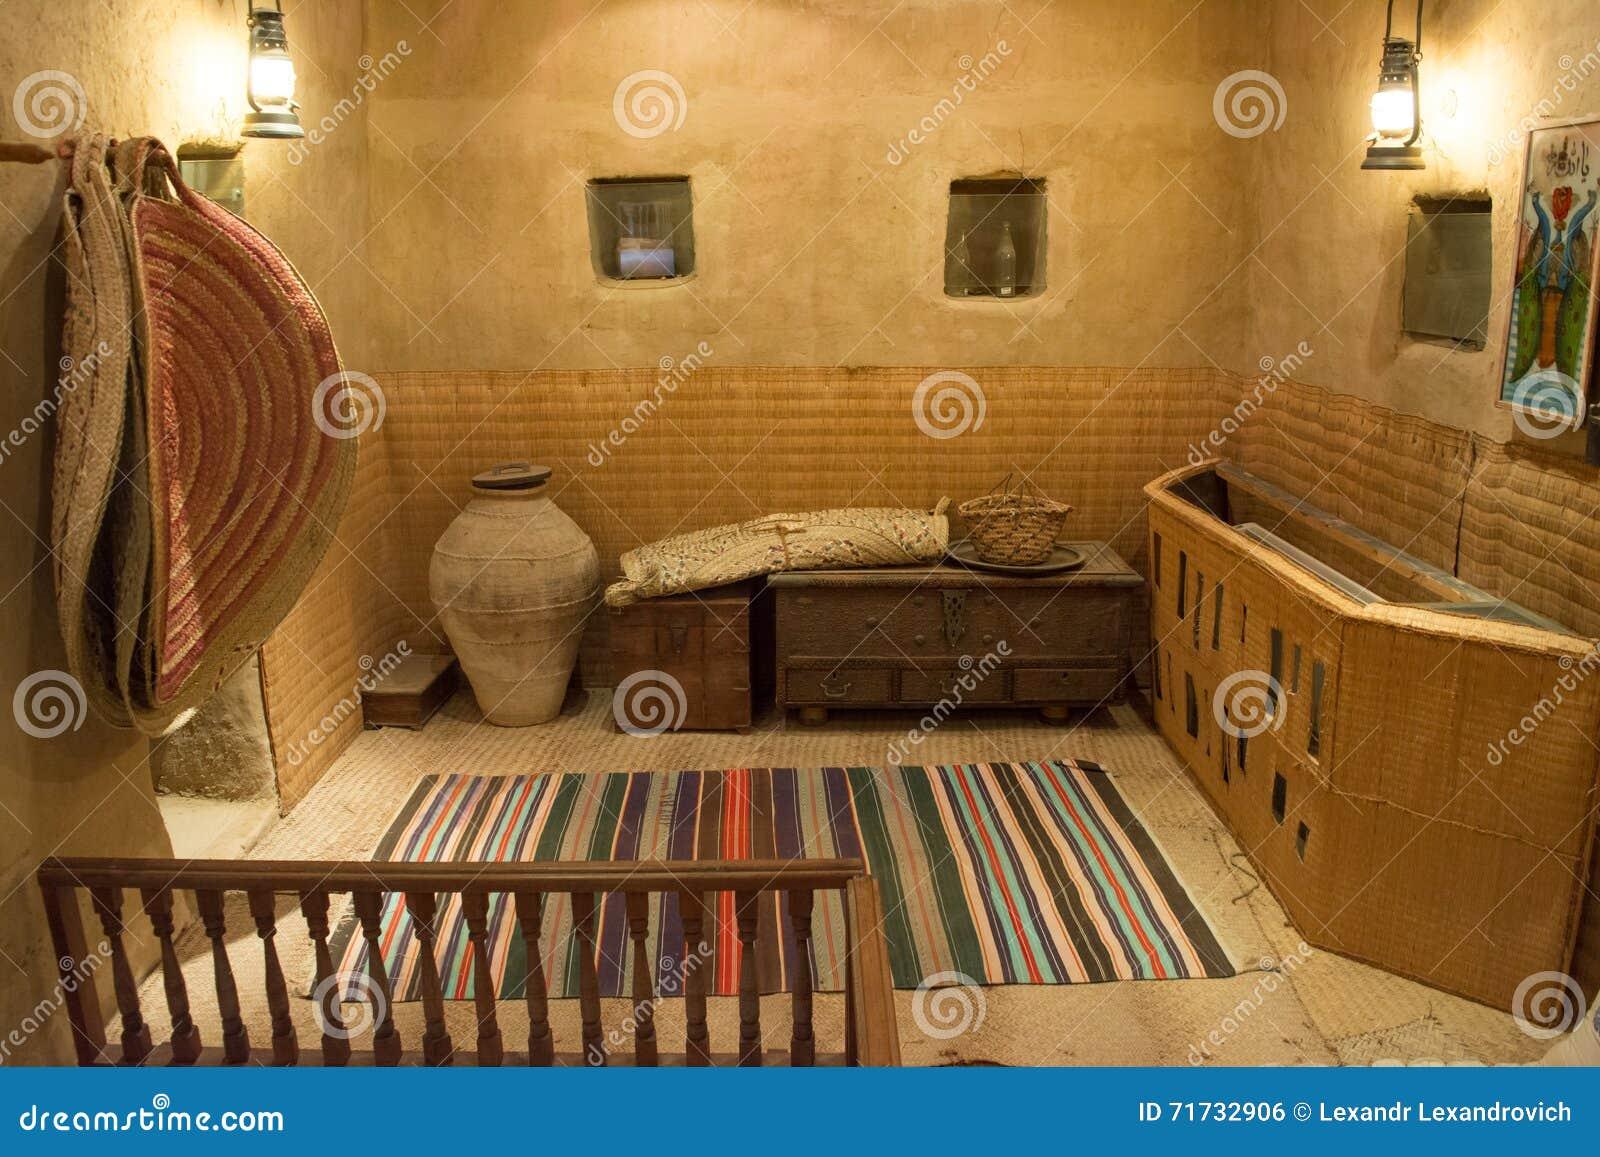 altes arabisches wohnzimmer stockfoto - bild: 71732906, Wohnzimmer